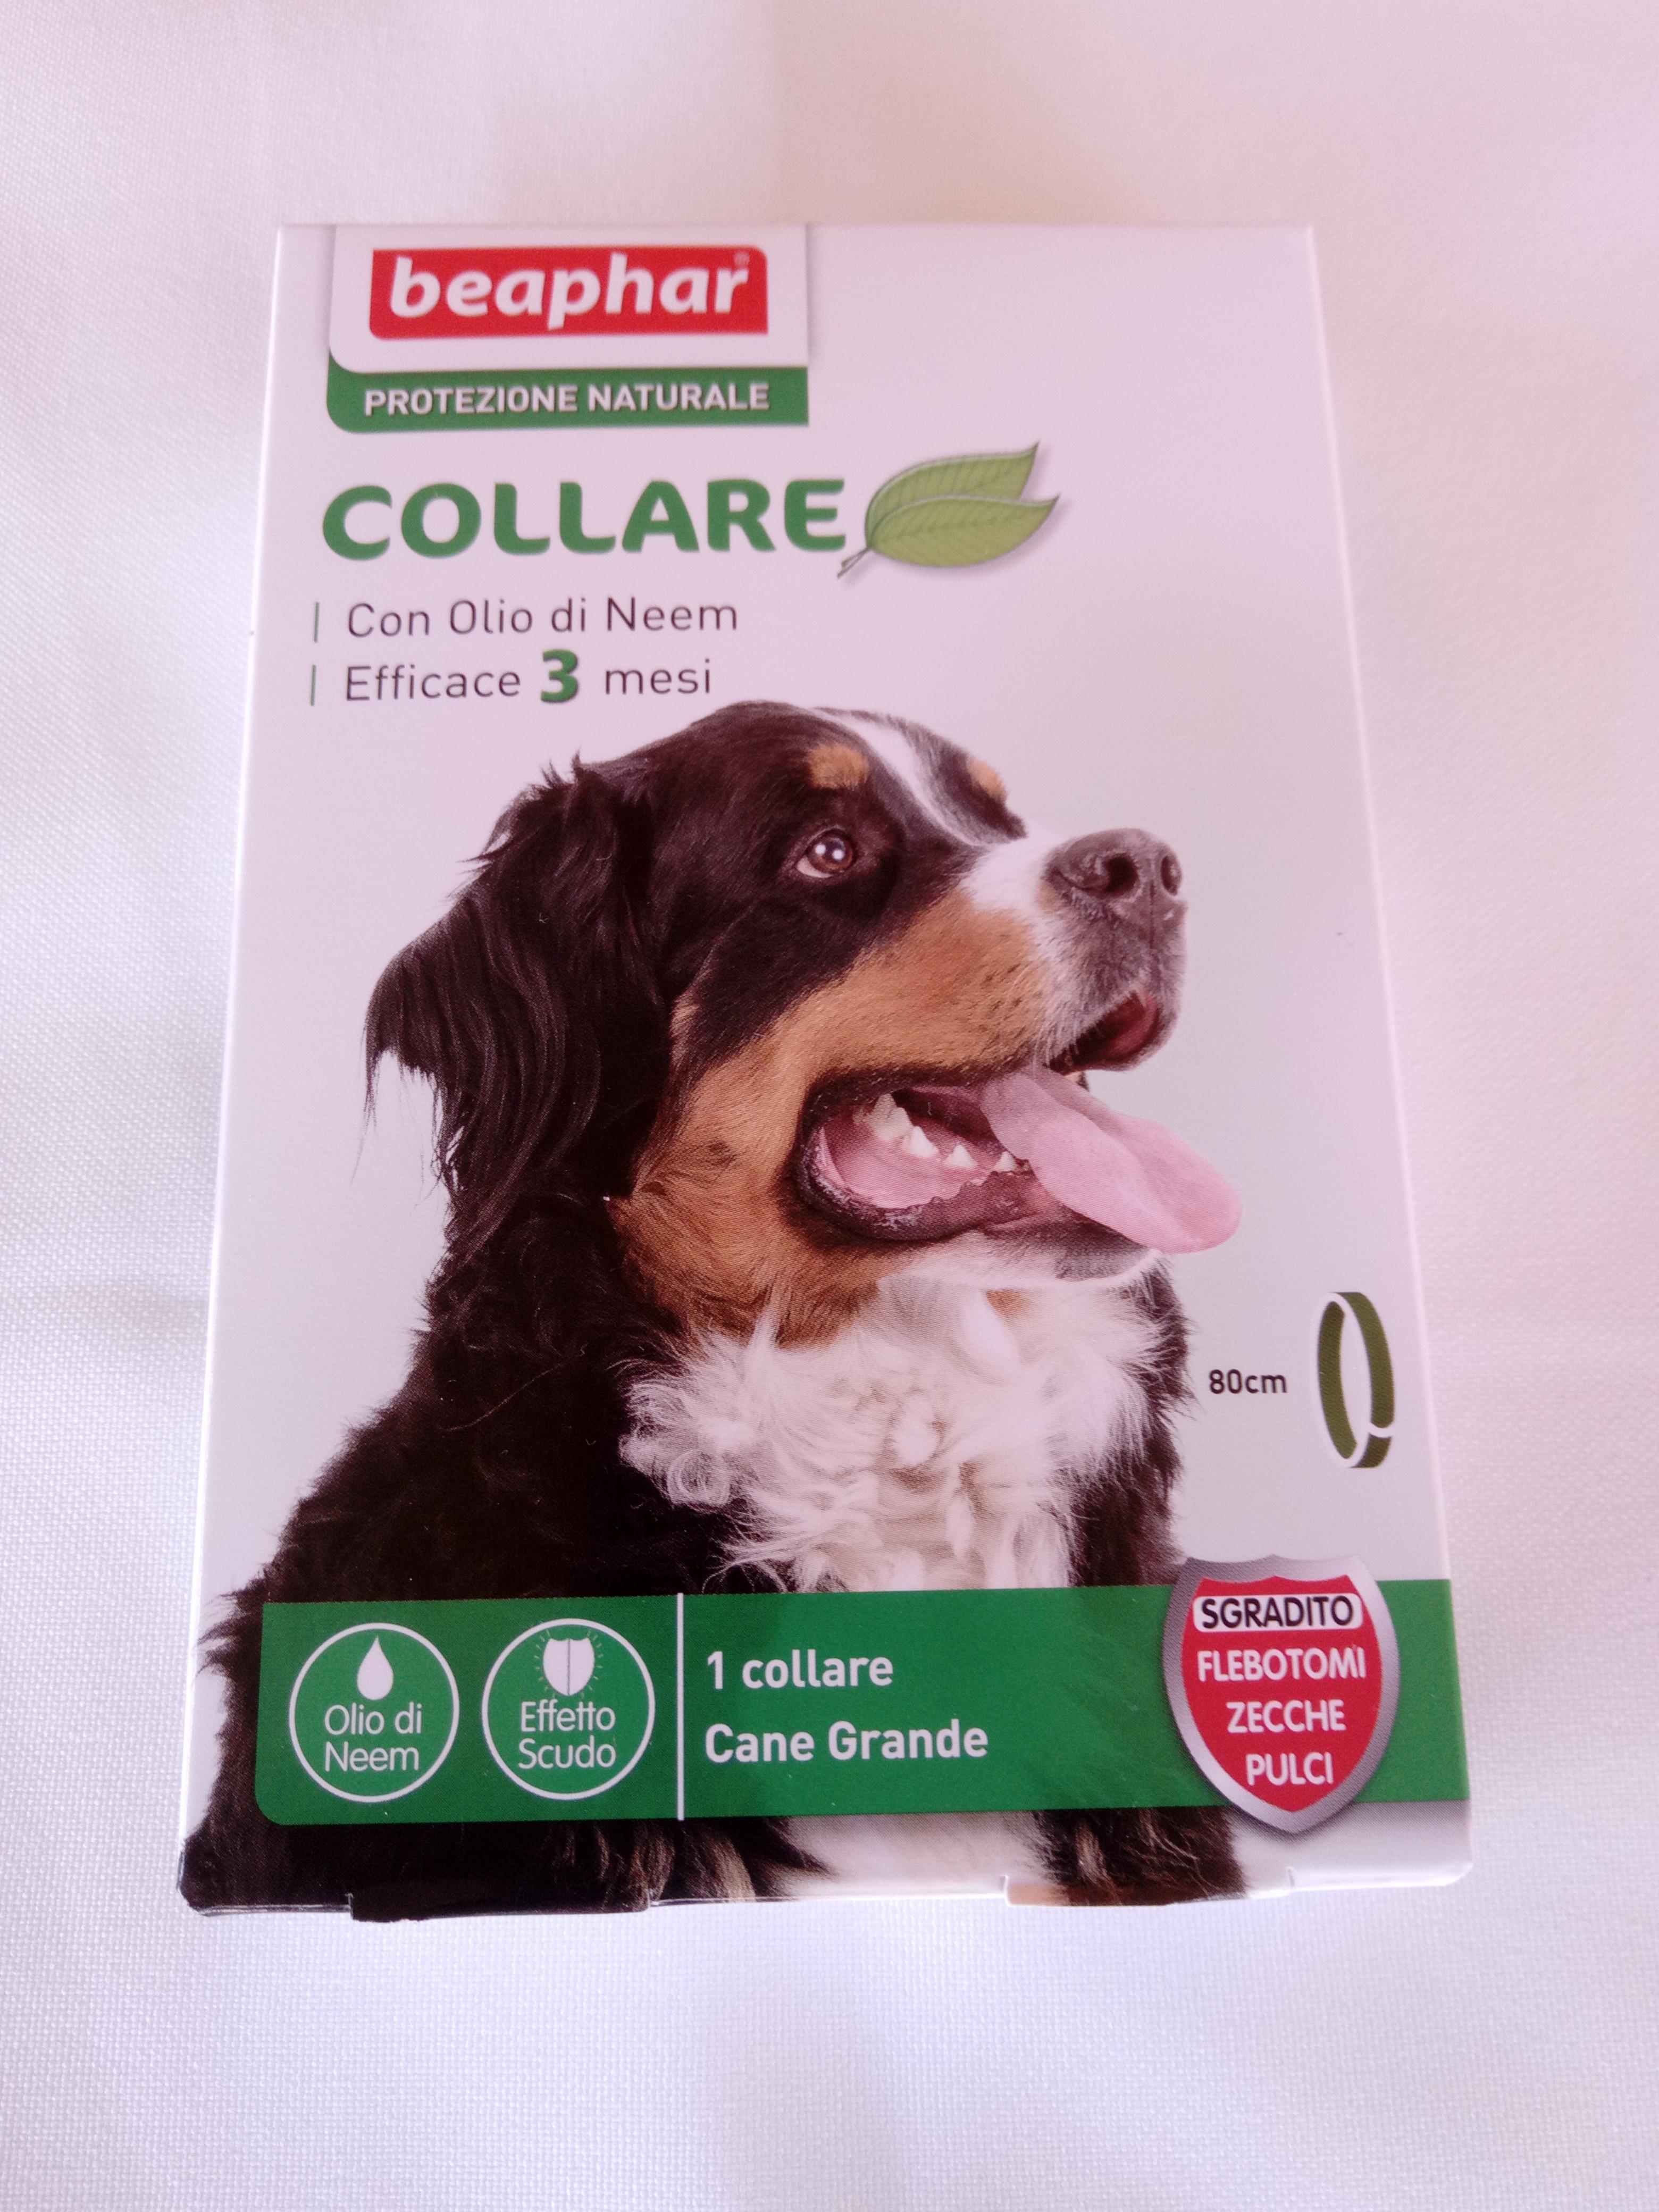 Collare Antiparassitario Naturale Per Cani Beaphar Taglia Grande